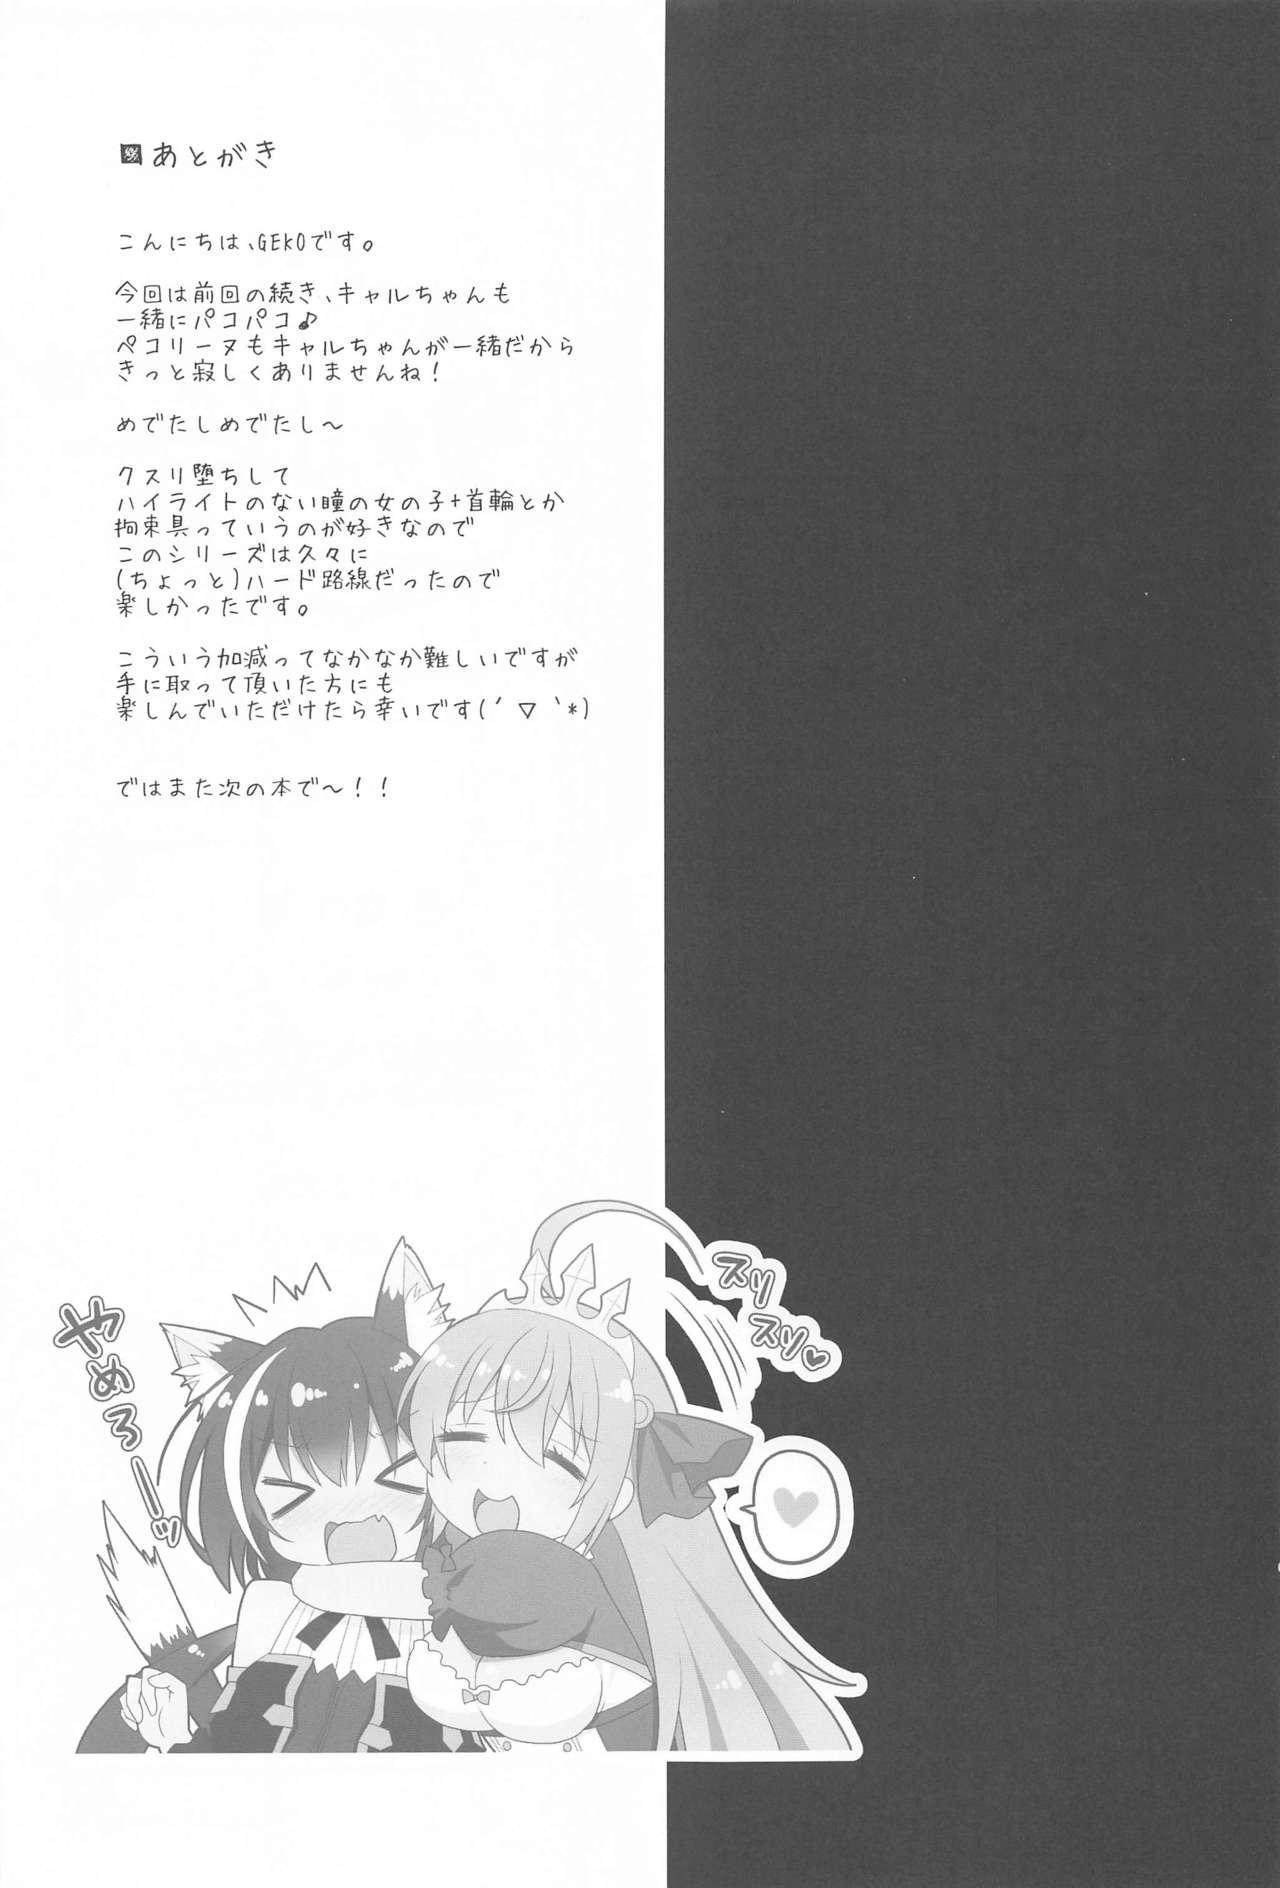 Biyakuzuke Pecorine+ 16